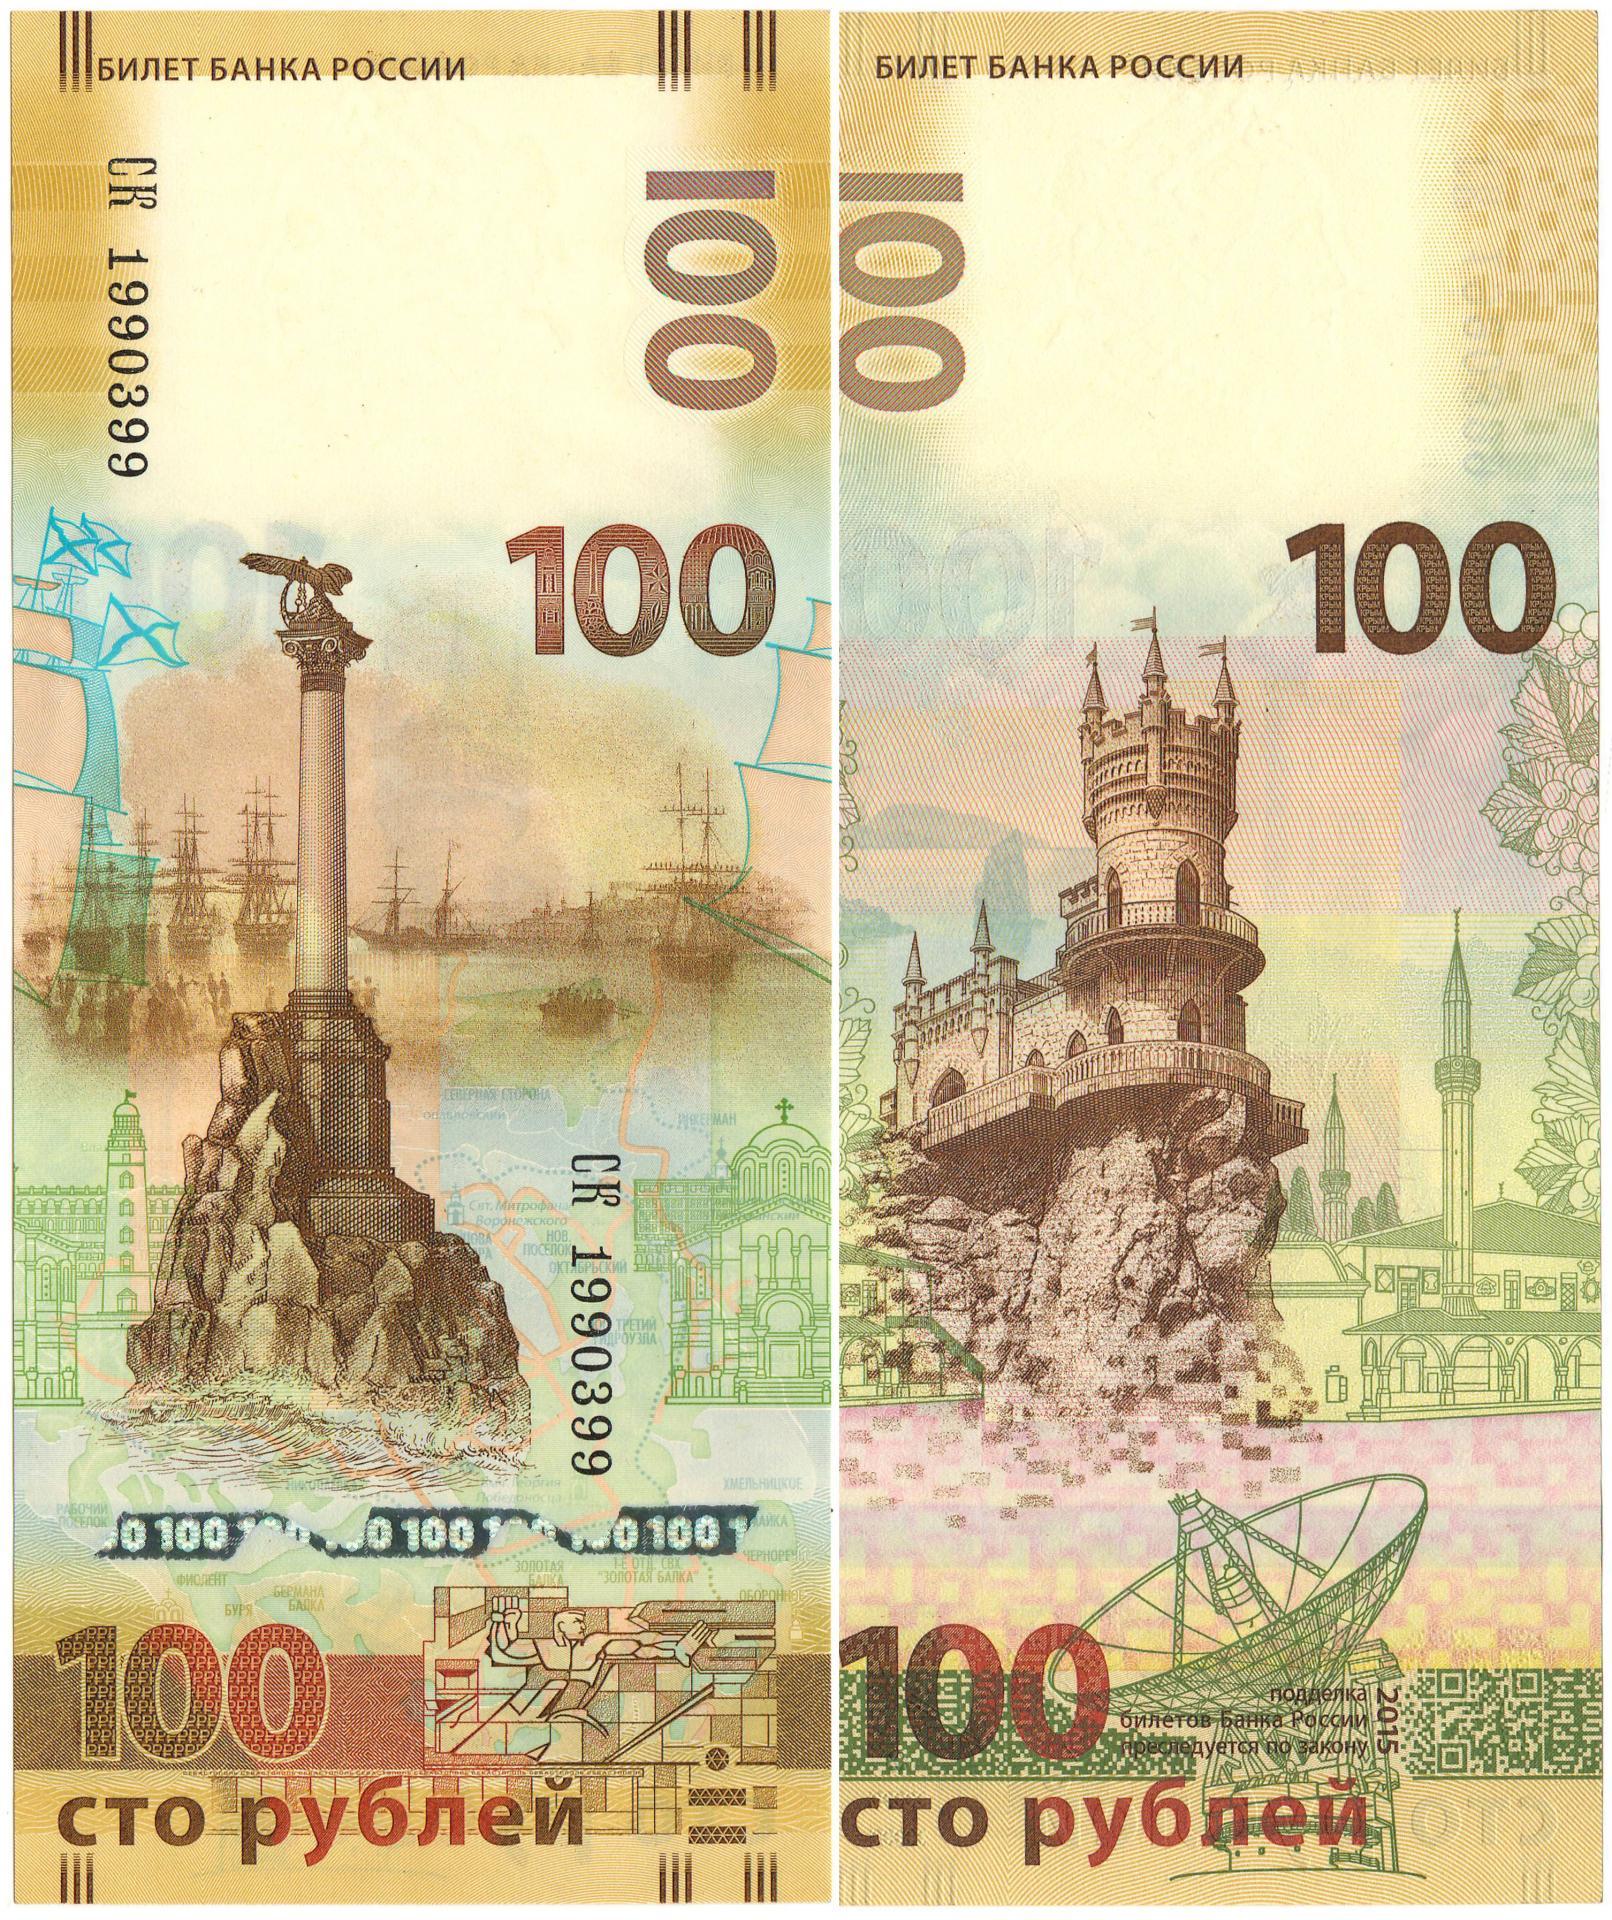 Заказать 100 рублей крым цена в киеве 2 zlote 1994 года